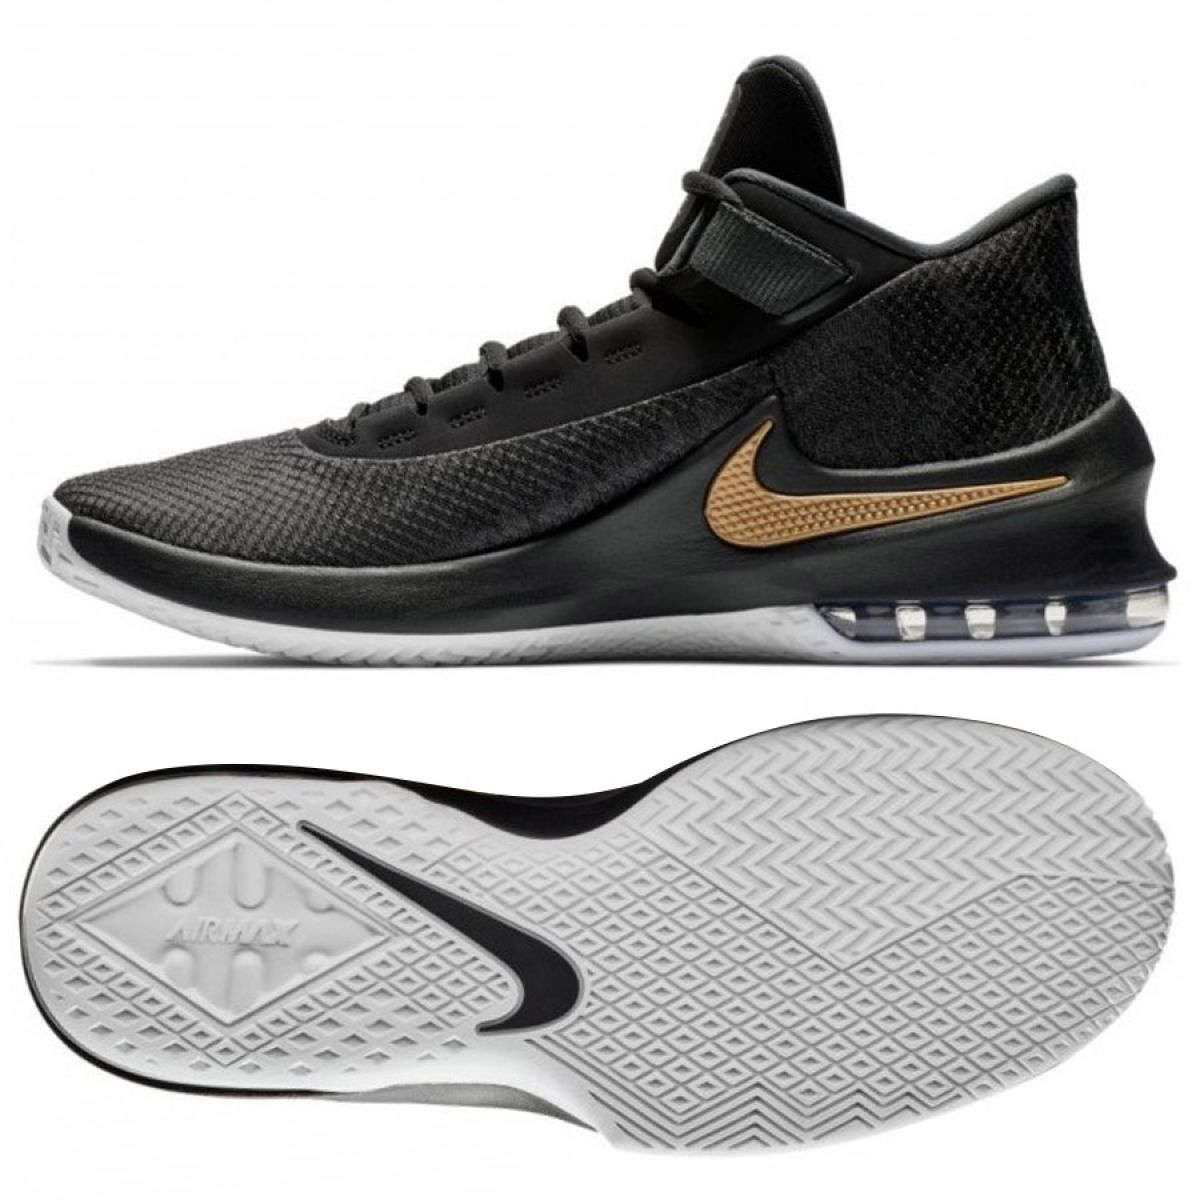 Nike Herren Aa7066 002 AIR MAX Infuriate 2 MID Basketballschuhe